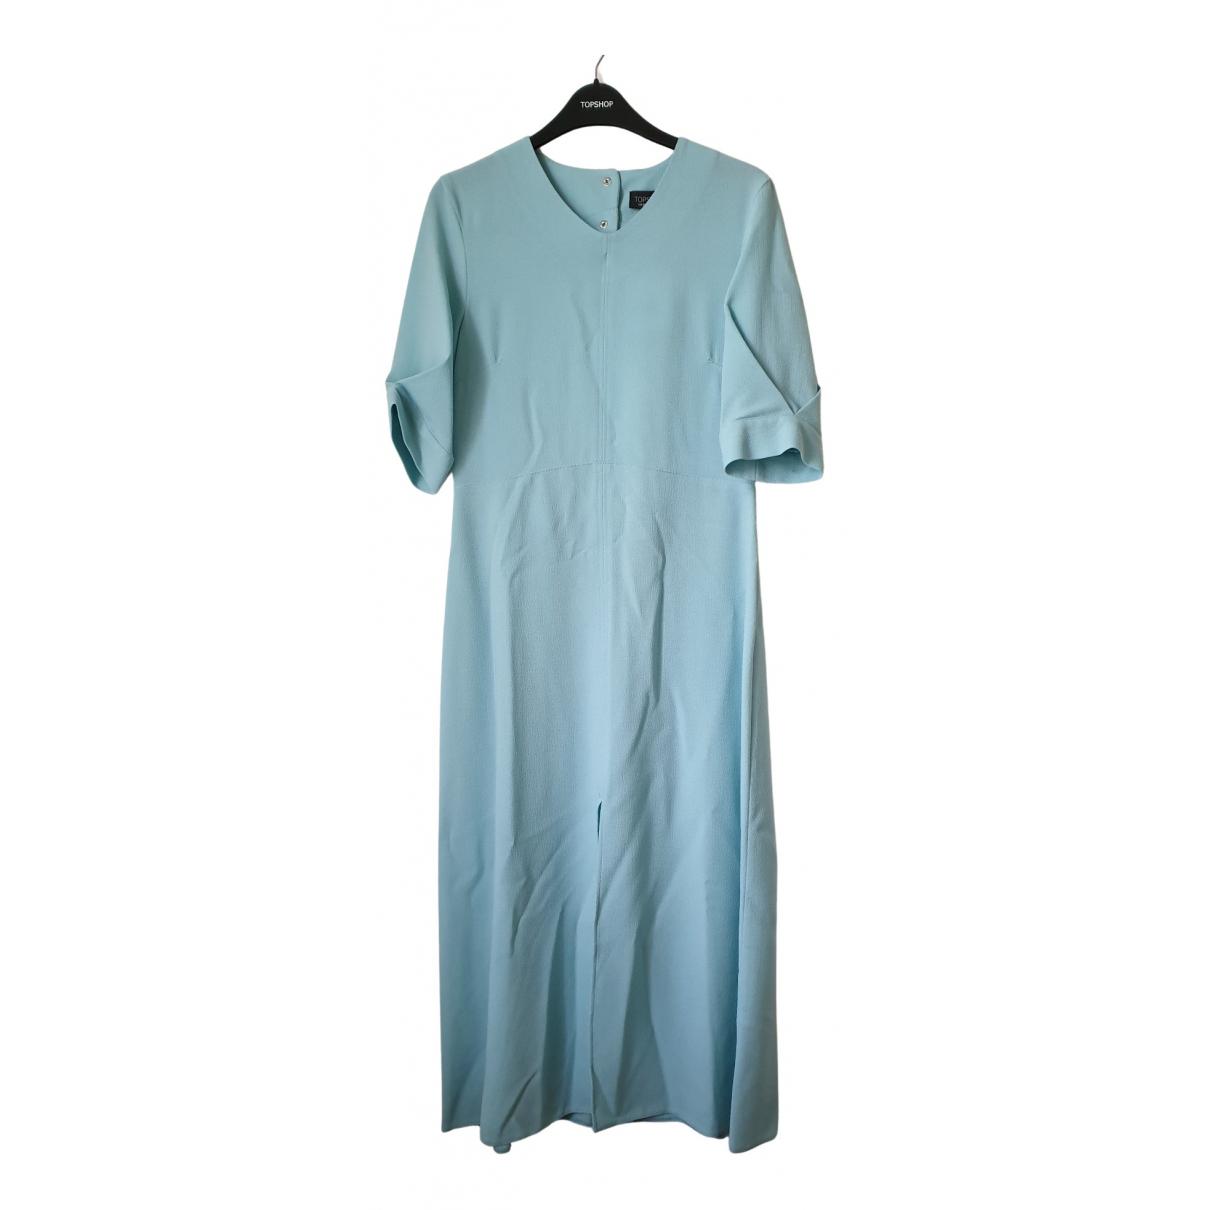 Tophop \N Kleid in  Tuerkis Polyester